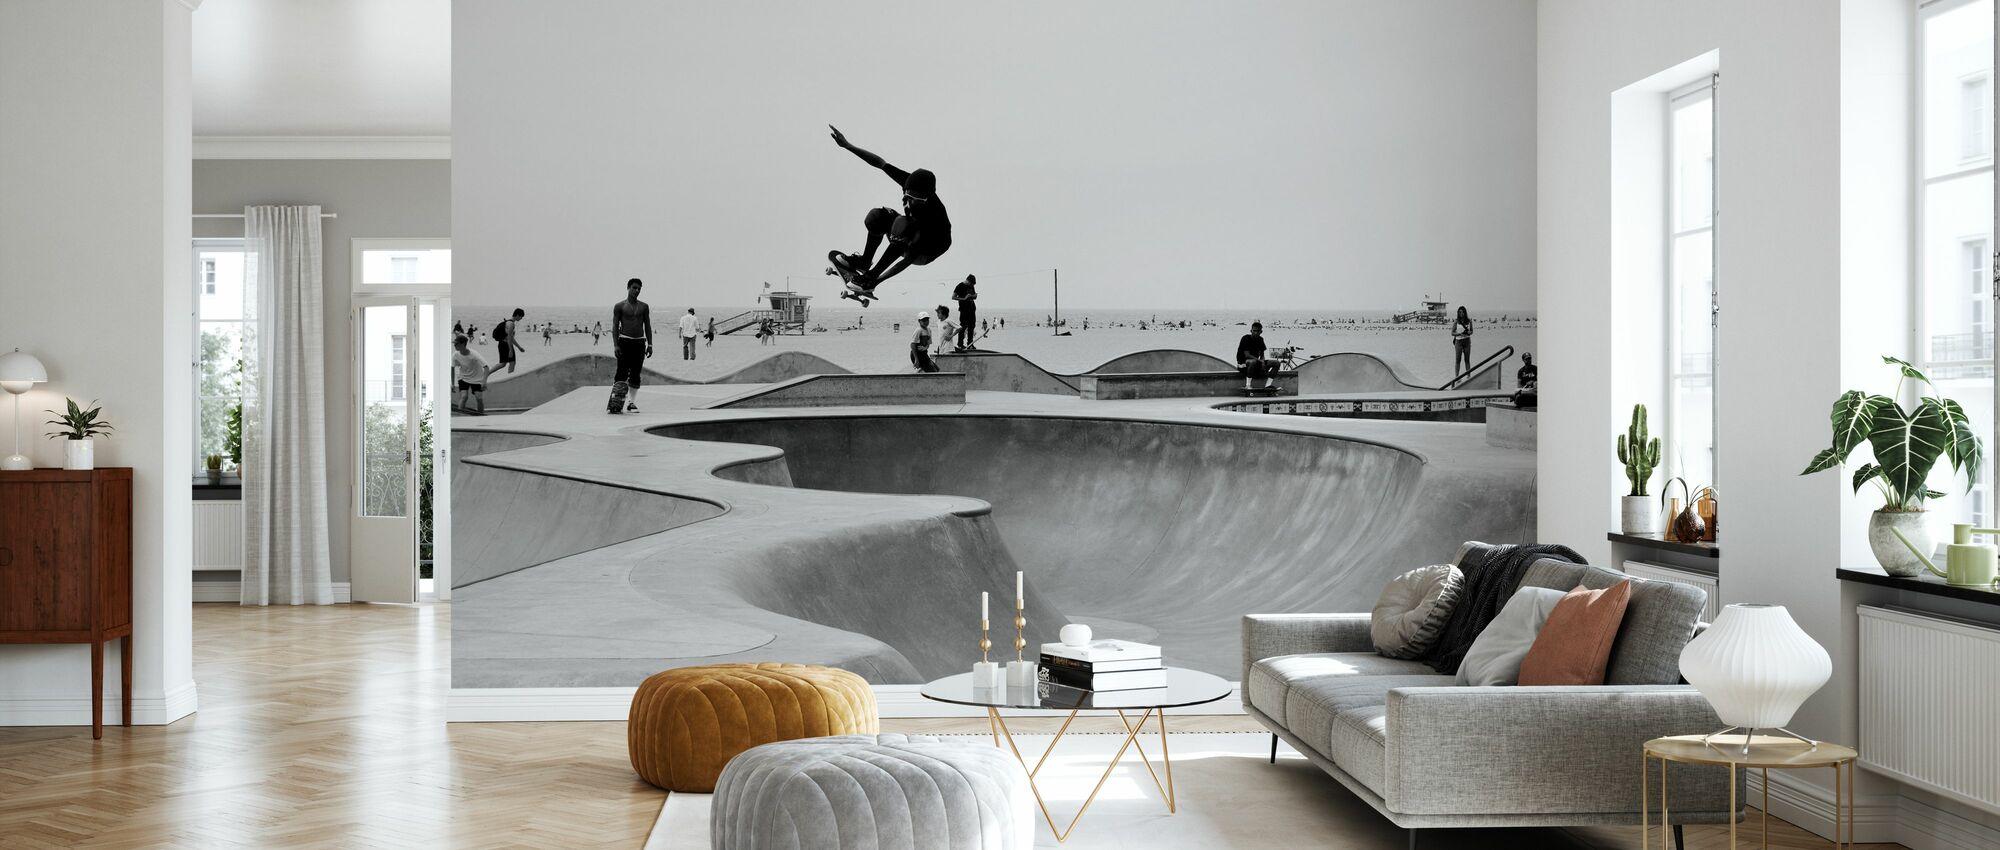 Skate Park - Wallpaper - Living Room